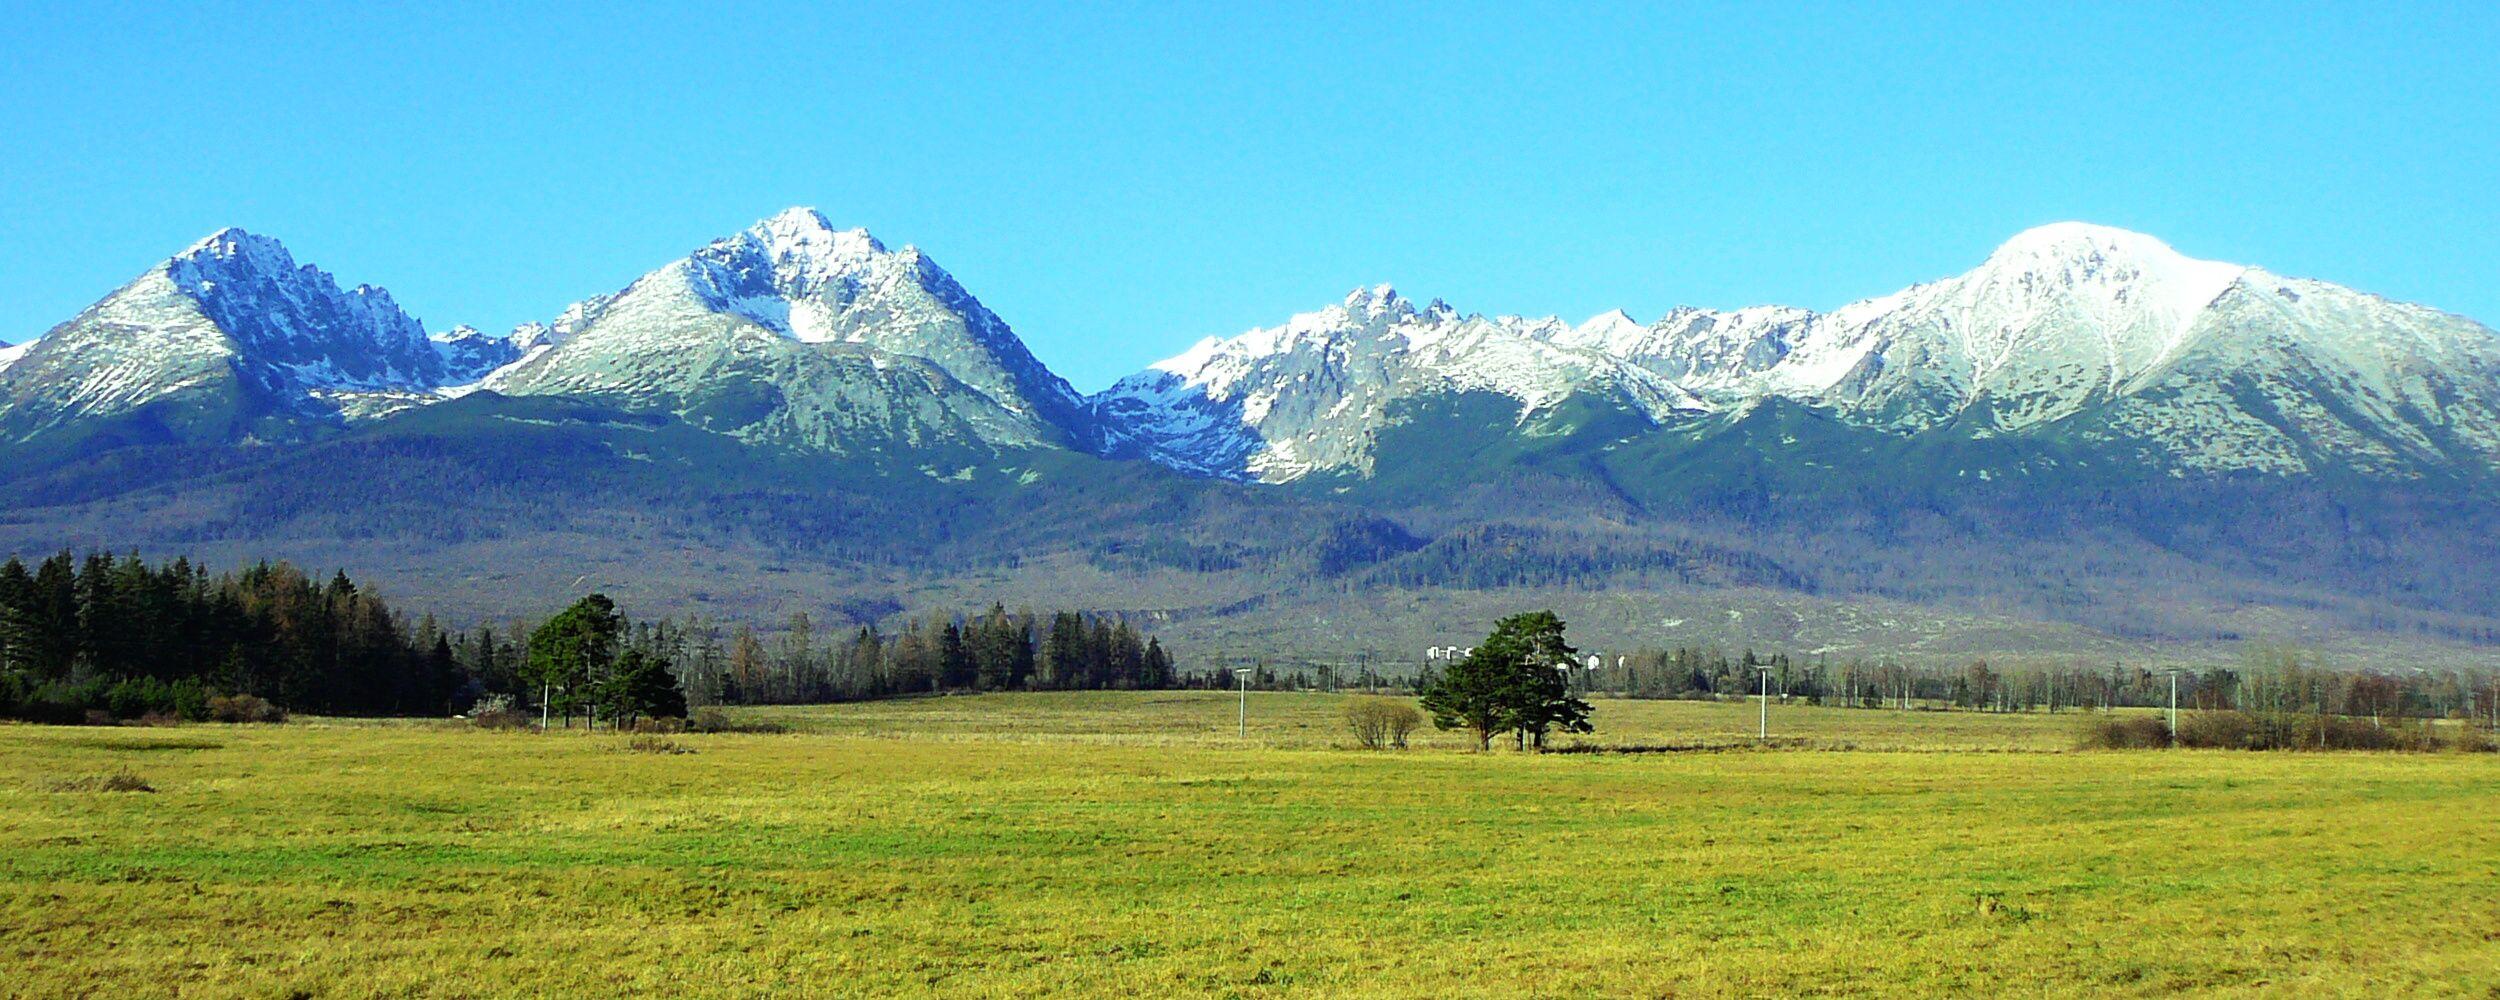 Gerlach Peak In Slovakia Slovakia Mountains Natural Landmarks